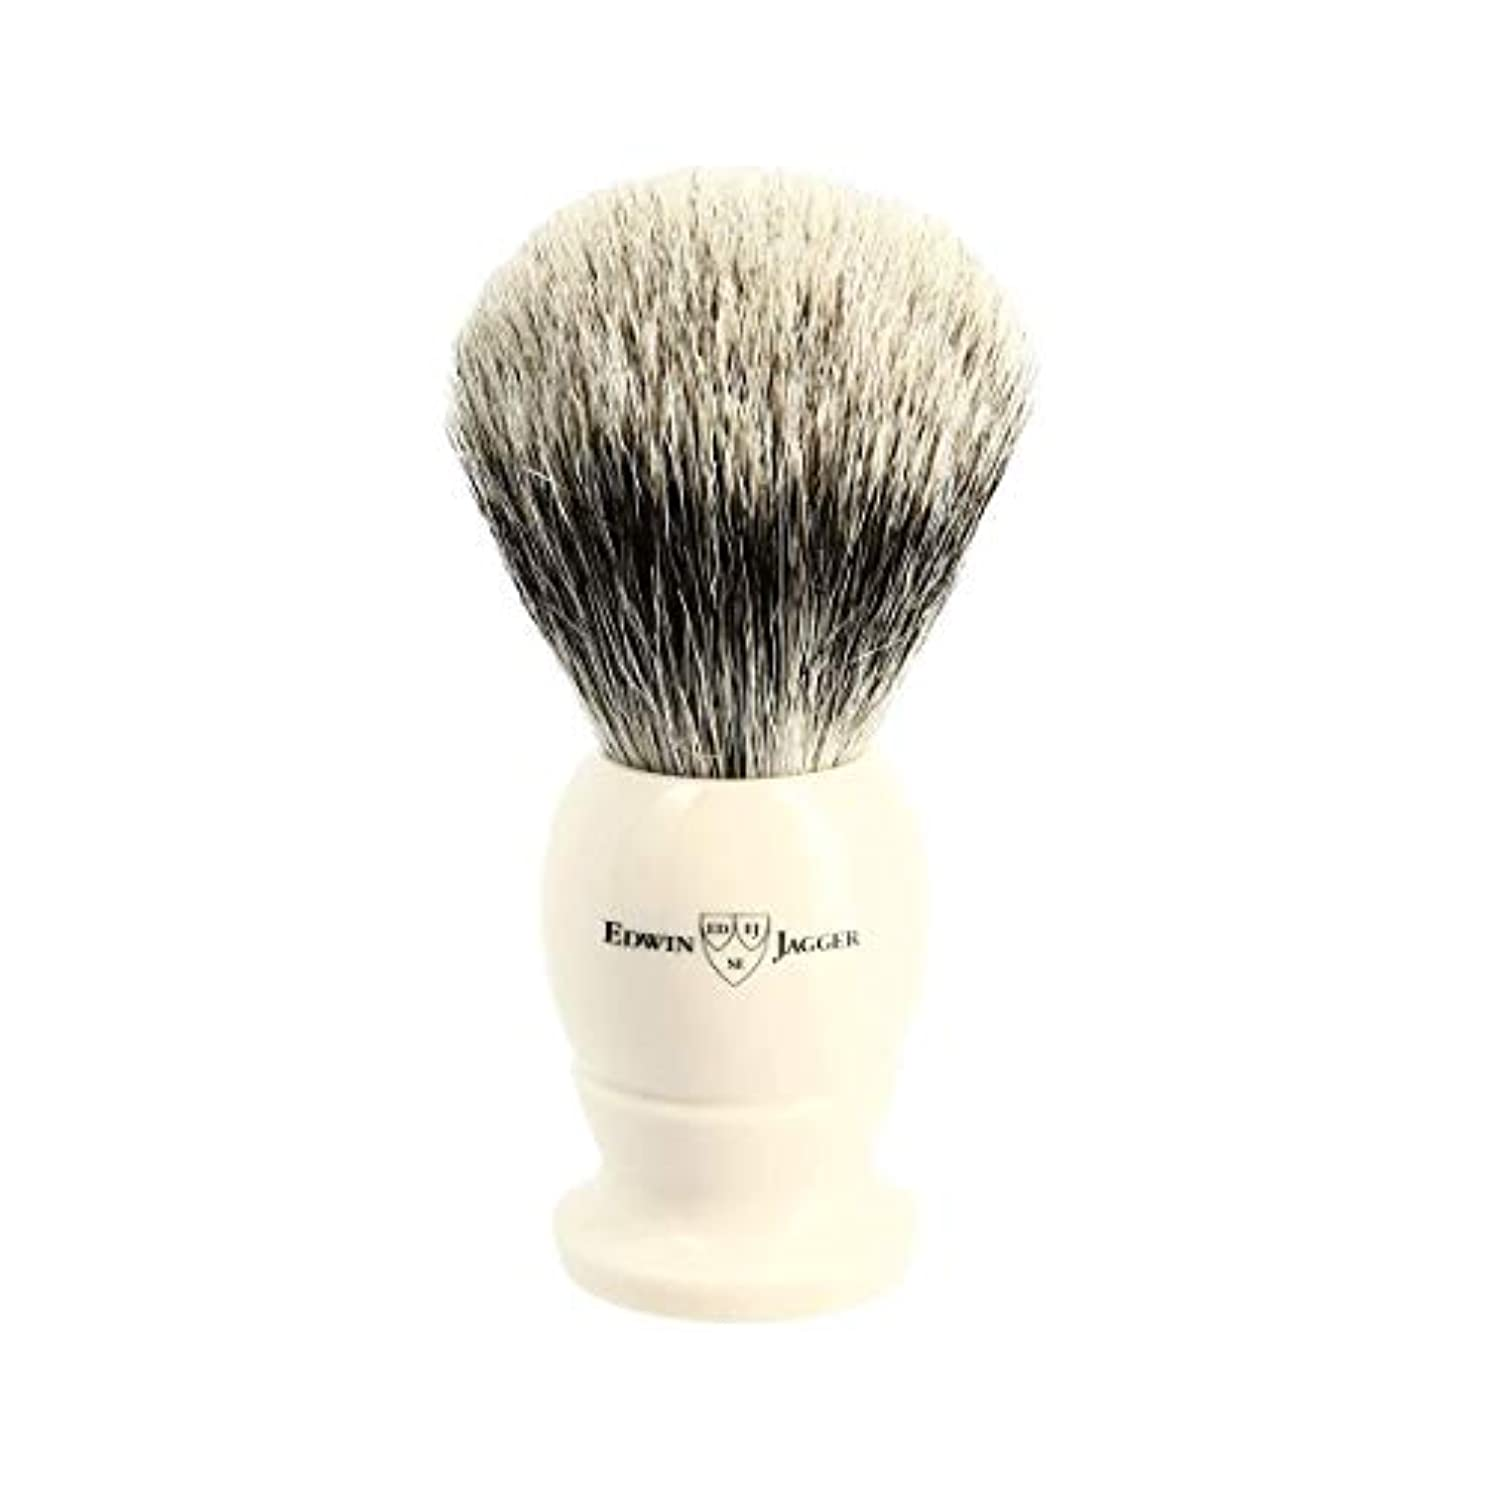 医学名門収束エドウィンジャガー アイボリー ベストバッジャーアナグマ毛 シェービングブラシ大3EJ877[海外直送品]Edwin Jagger Ivory Best Badger Shaving Brush Large 3EJ877...